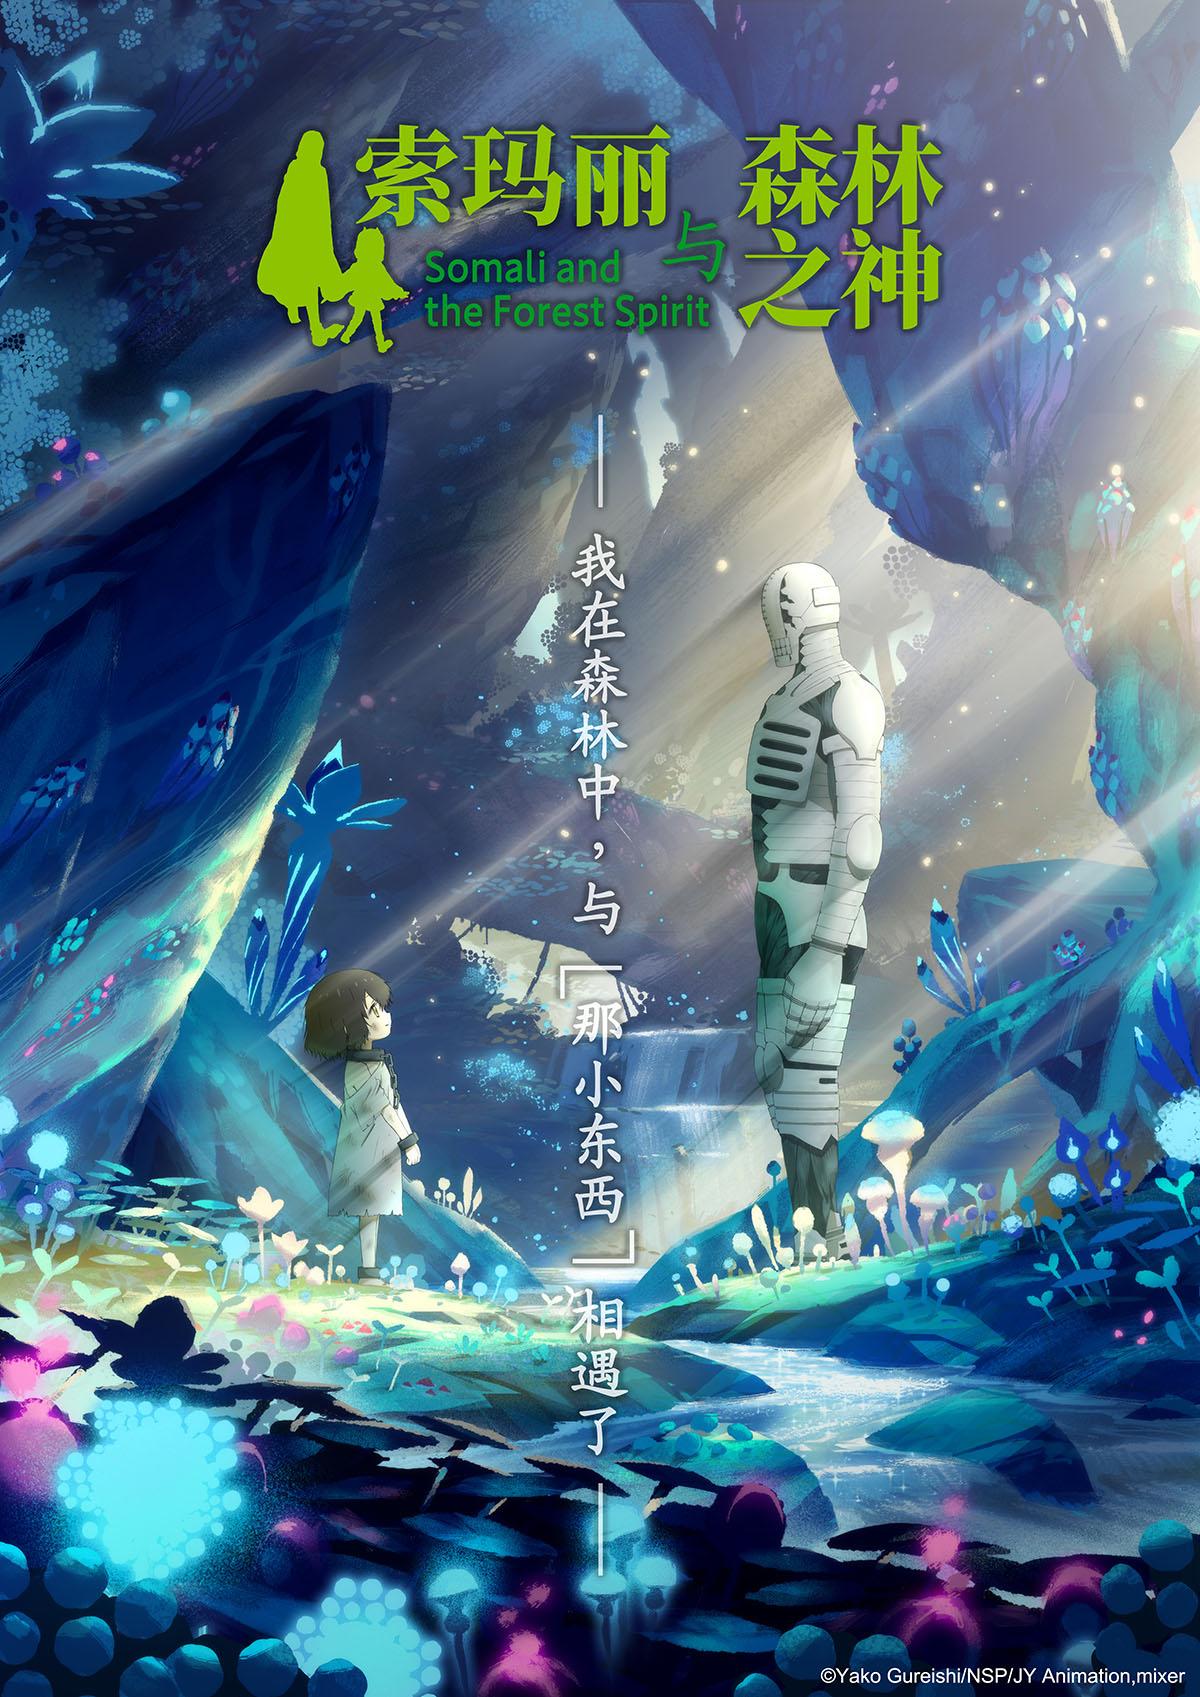 水濑祈&小野大辅主役!一场父女亲情羁绊的奇幻冒险 ——《索玛丽与森林之神》动画化决定!